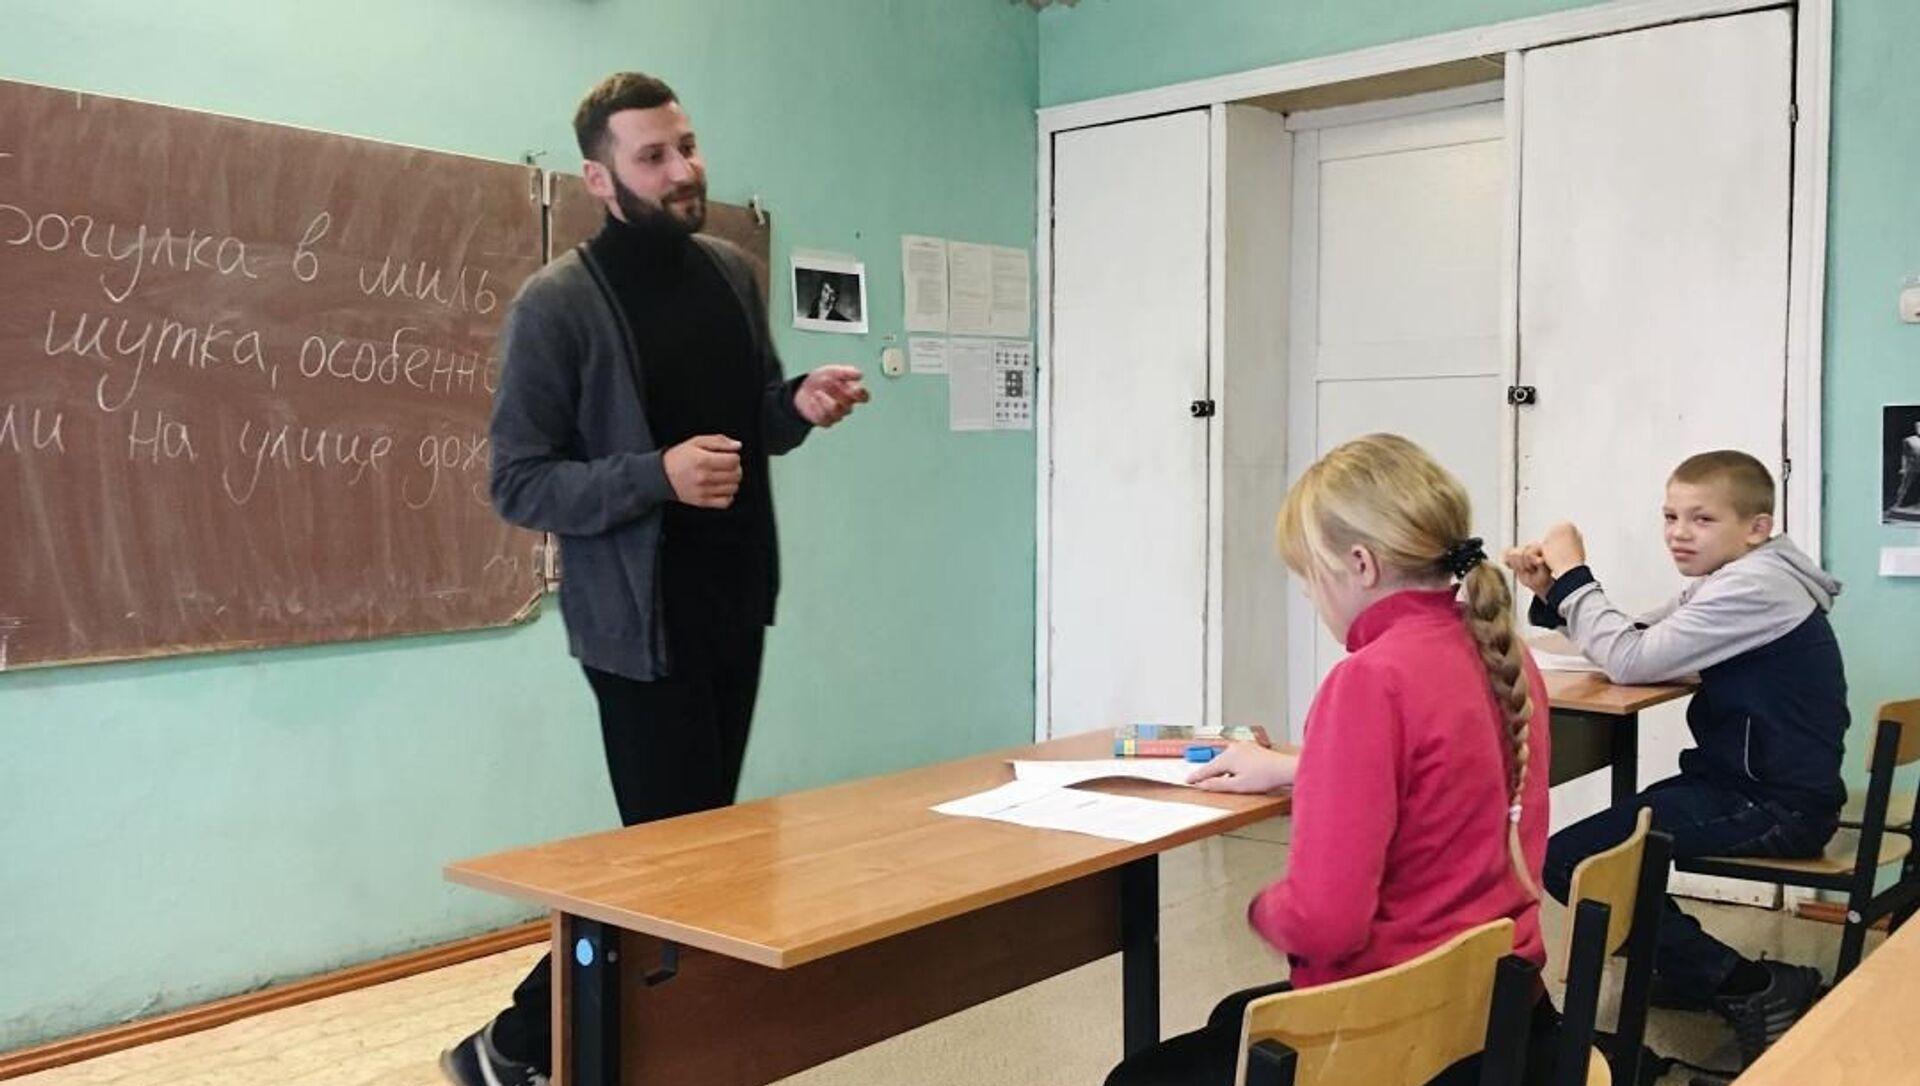 Учитель Михаил Арсланьян во время урока - Sputnik Армения, 1920, 01.02.2021